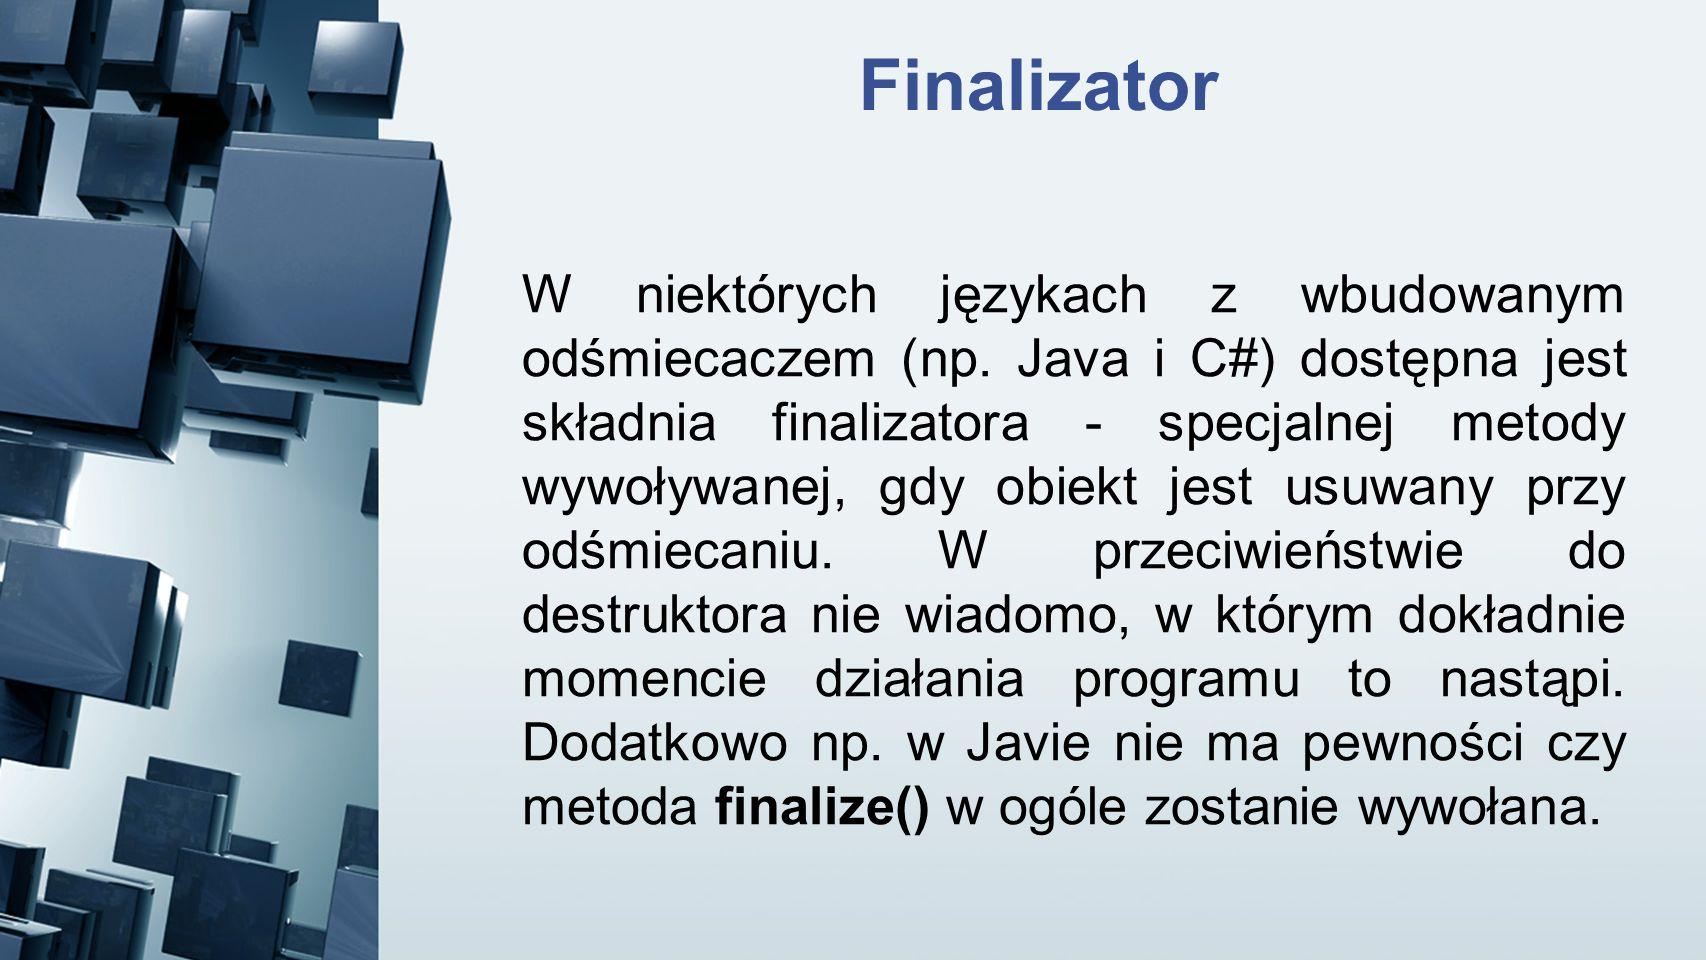 Finalizator